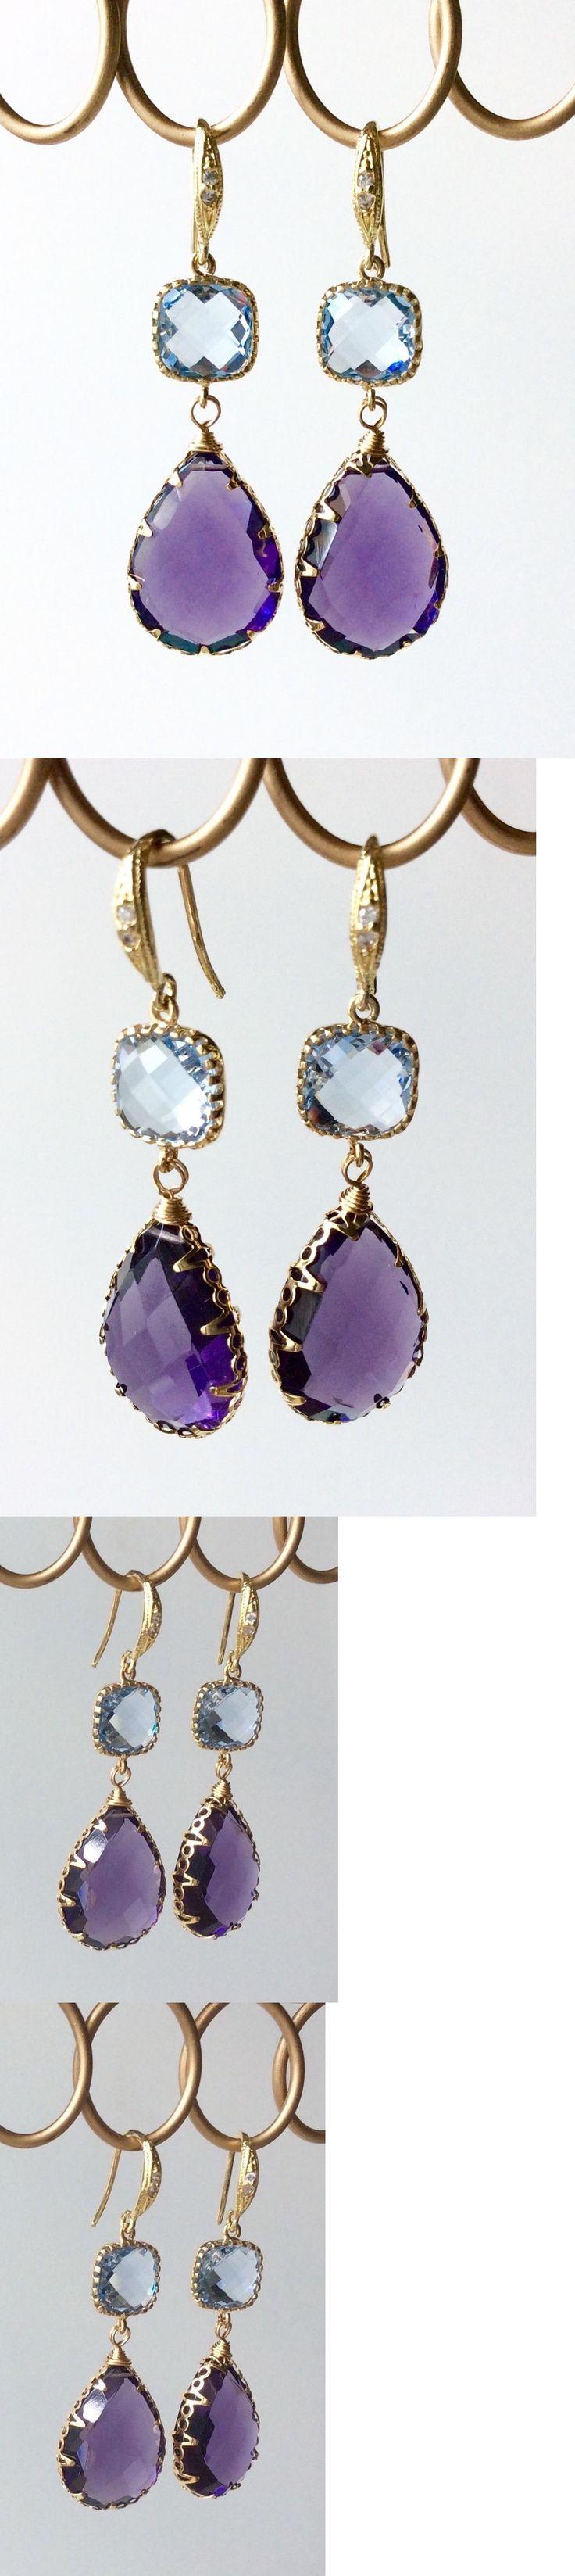 Earrings 110645: Grace Chan Indulgems Rock Candy Amethyst 18K Gold 2-Station Teardrop Earrings -> BUY IT NOW ONLY: $32.95 on eBay!